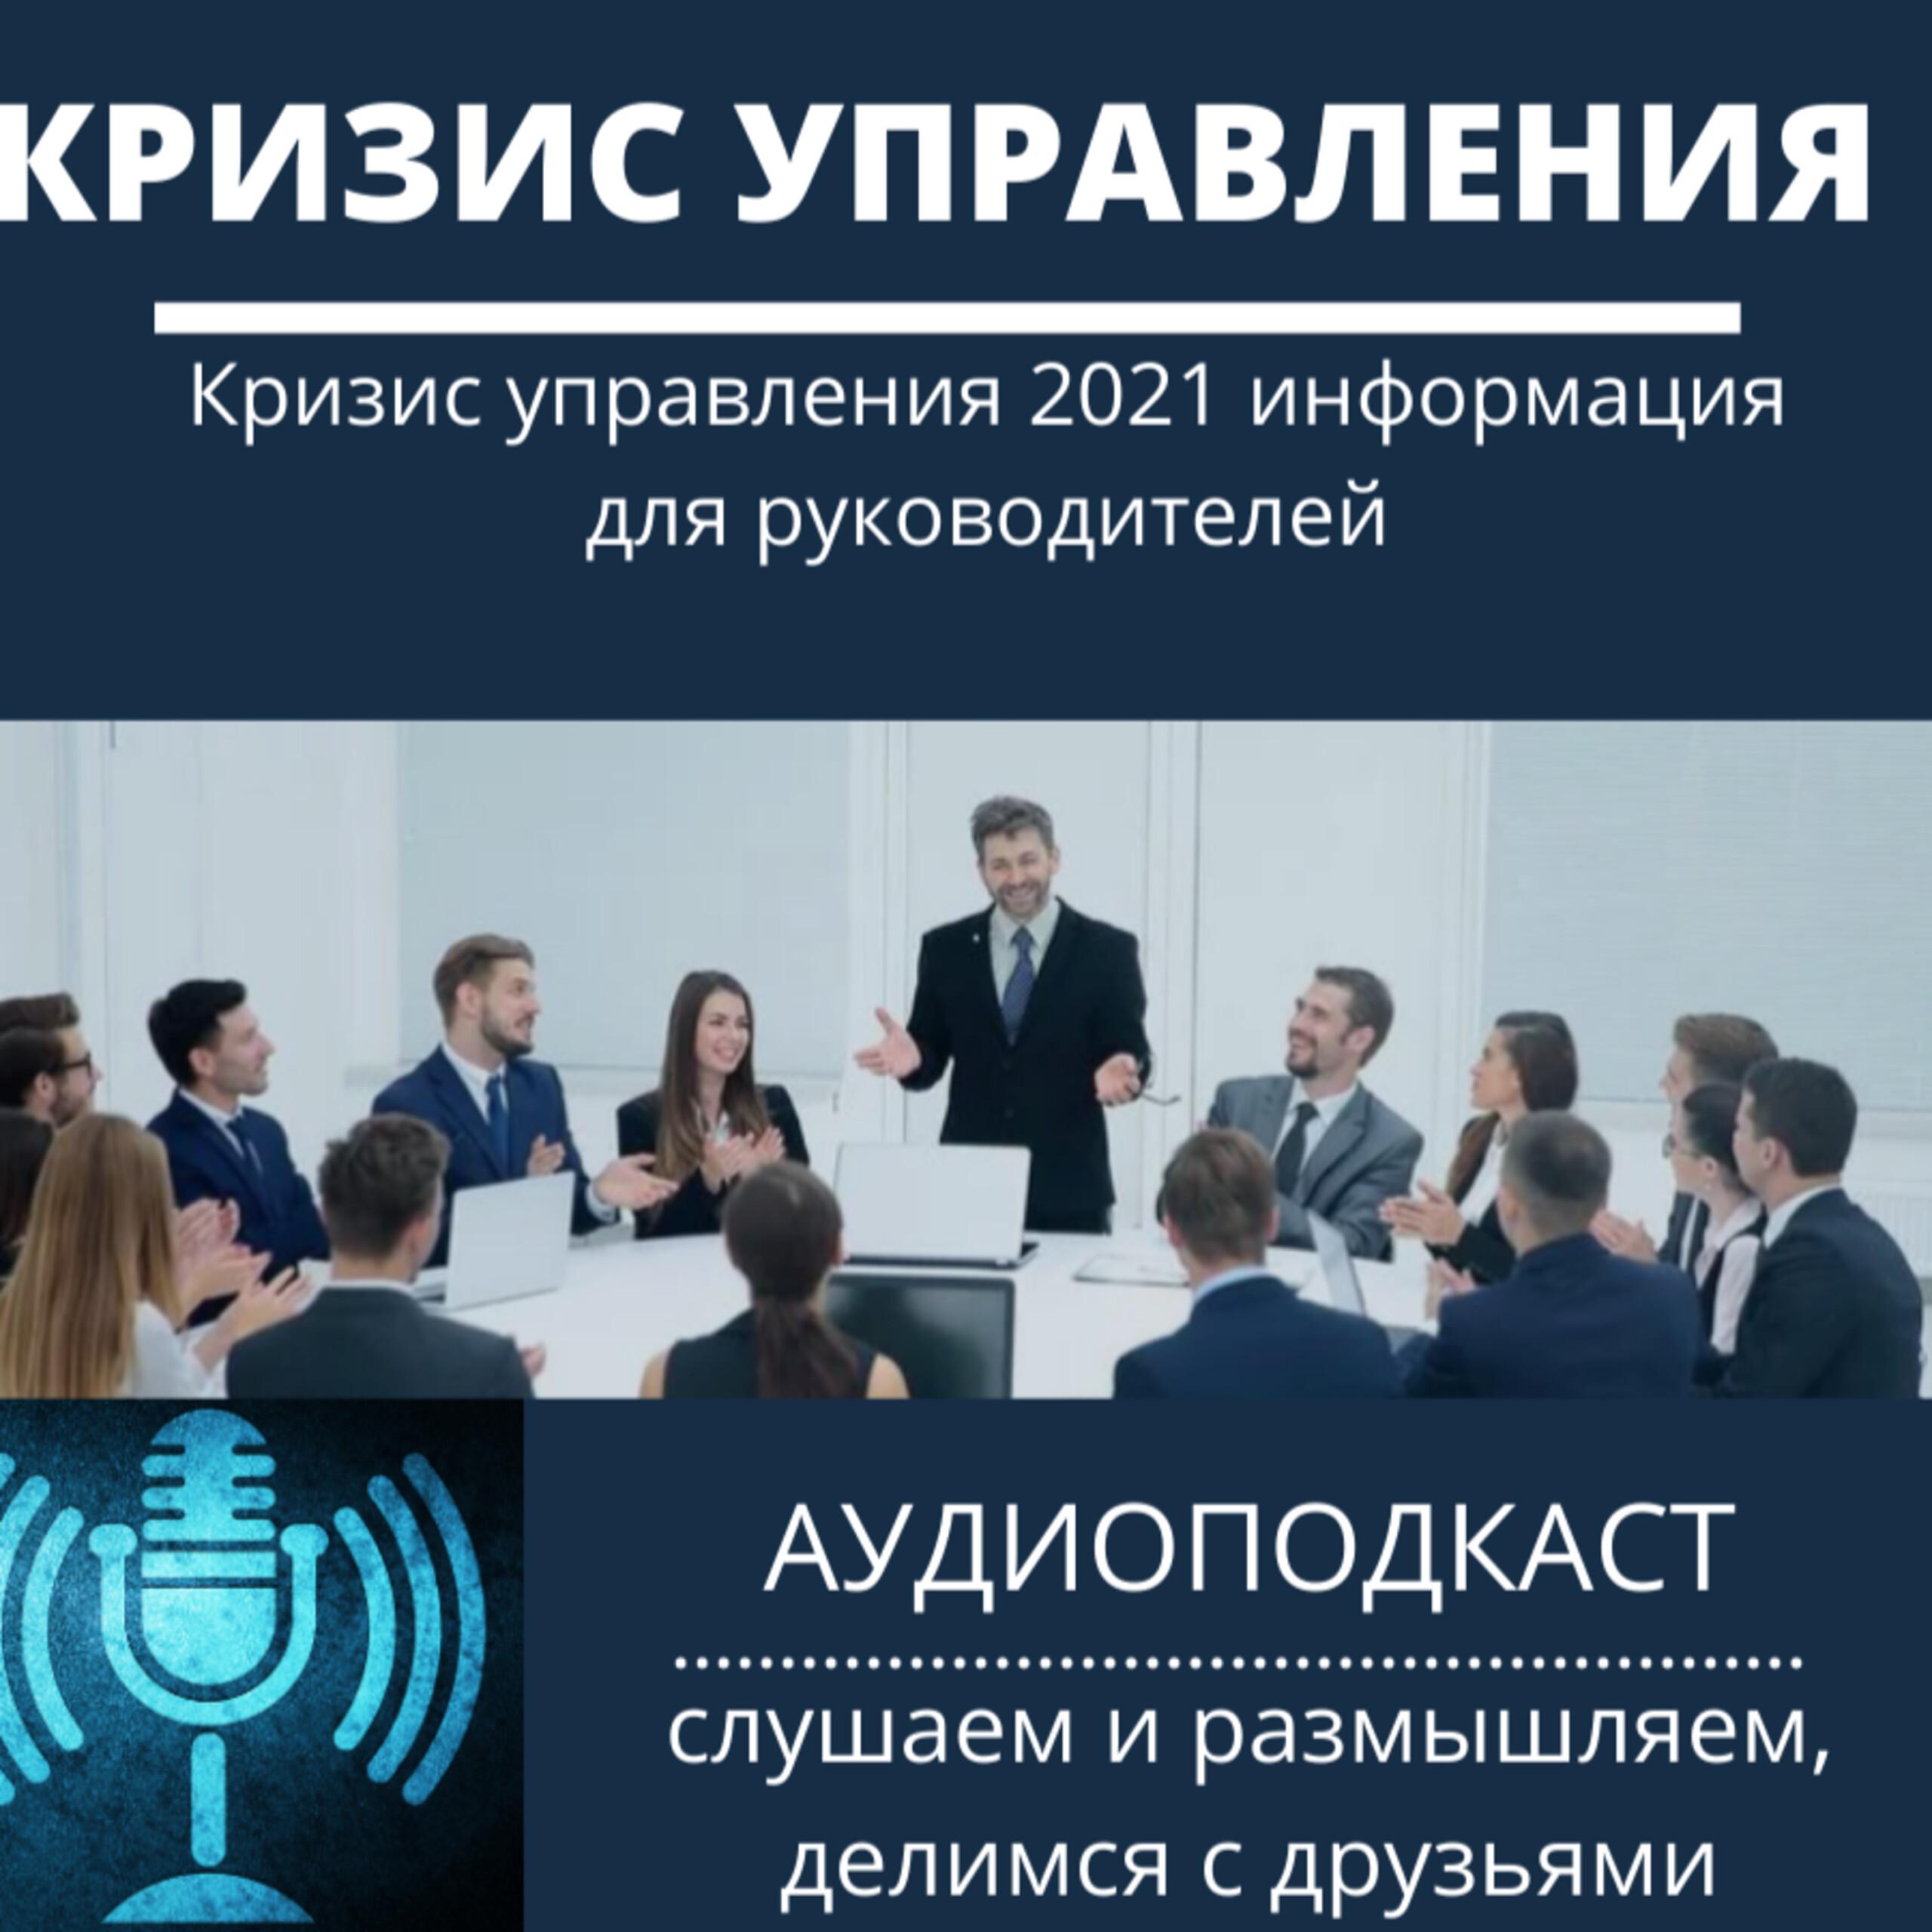 Кризис управления 2021: информация для руководителей